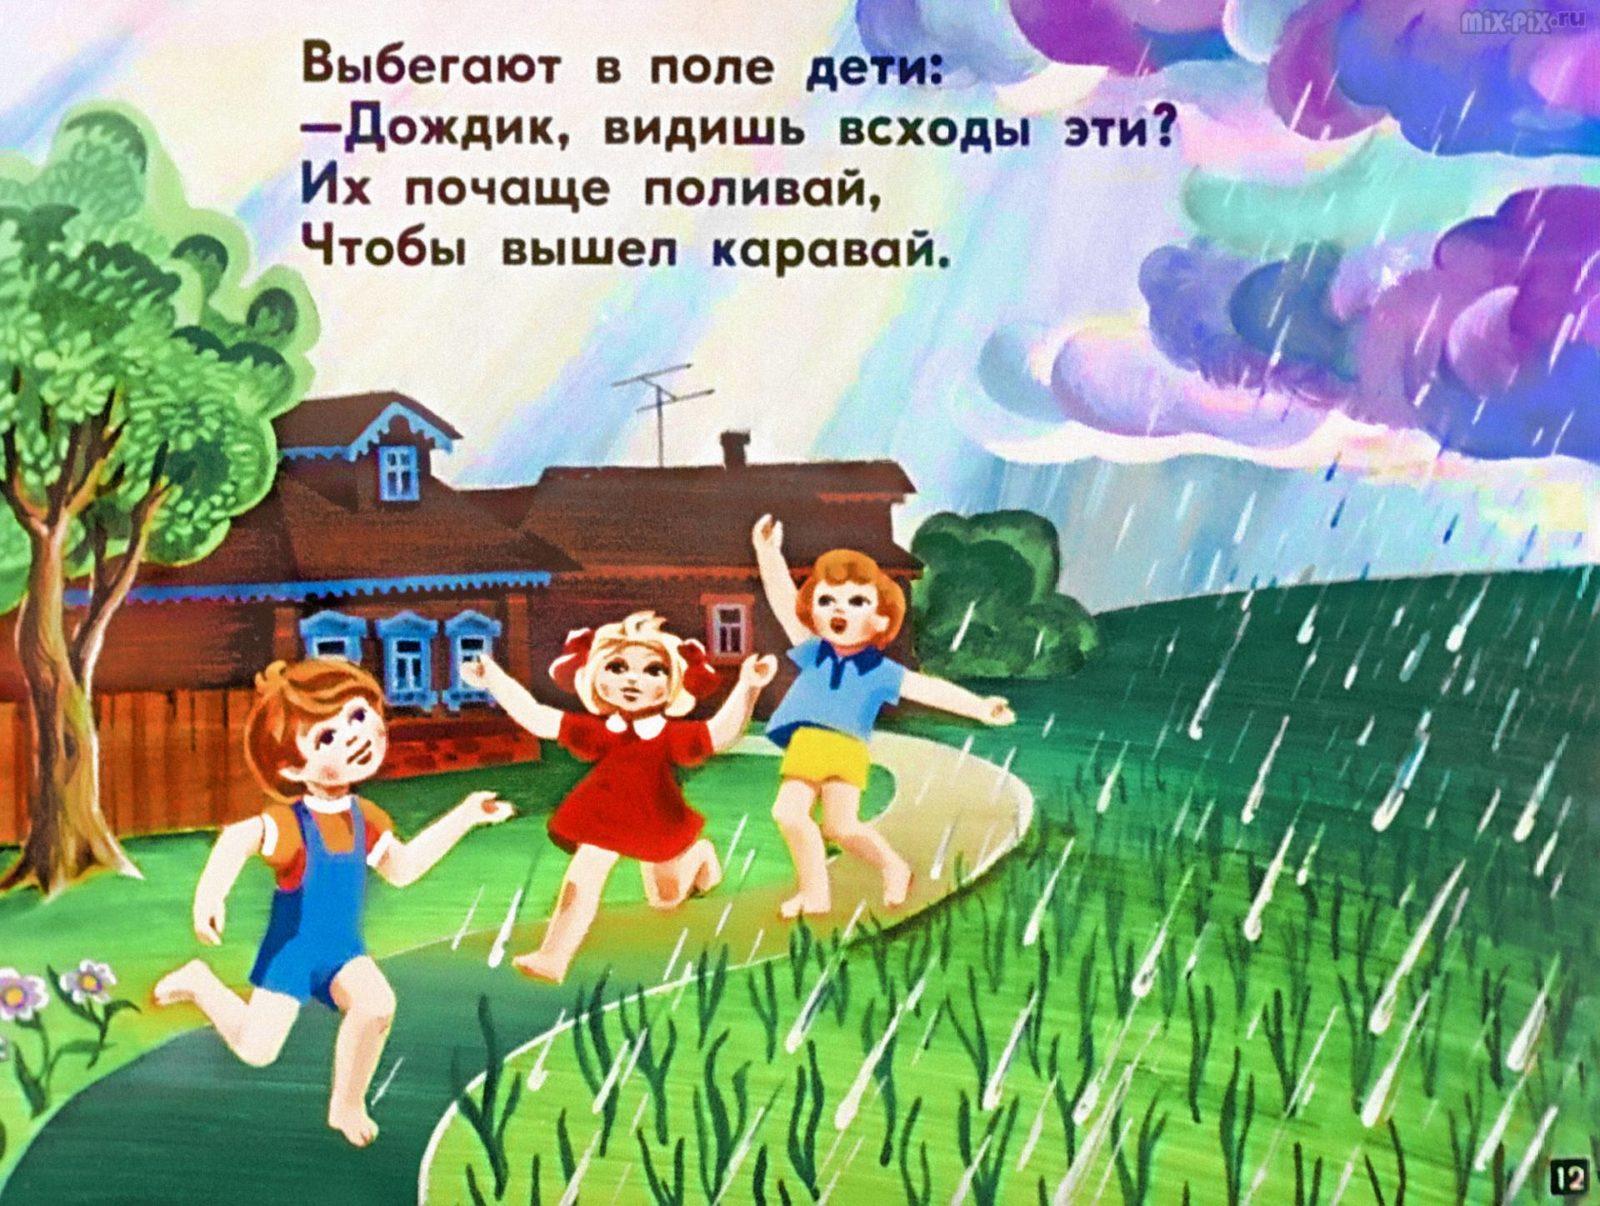 Под солнцем пляшет девочка (1984) 30